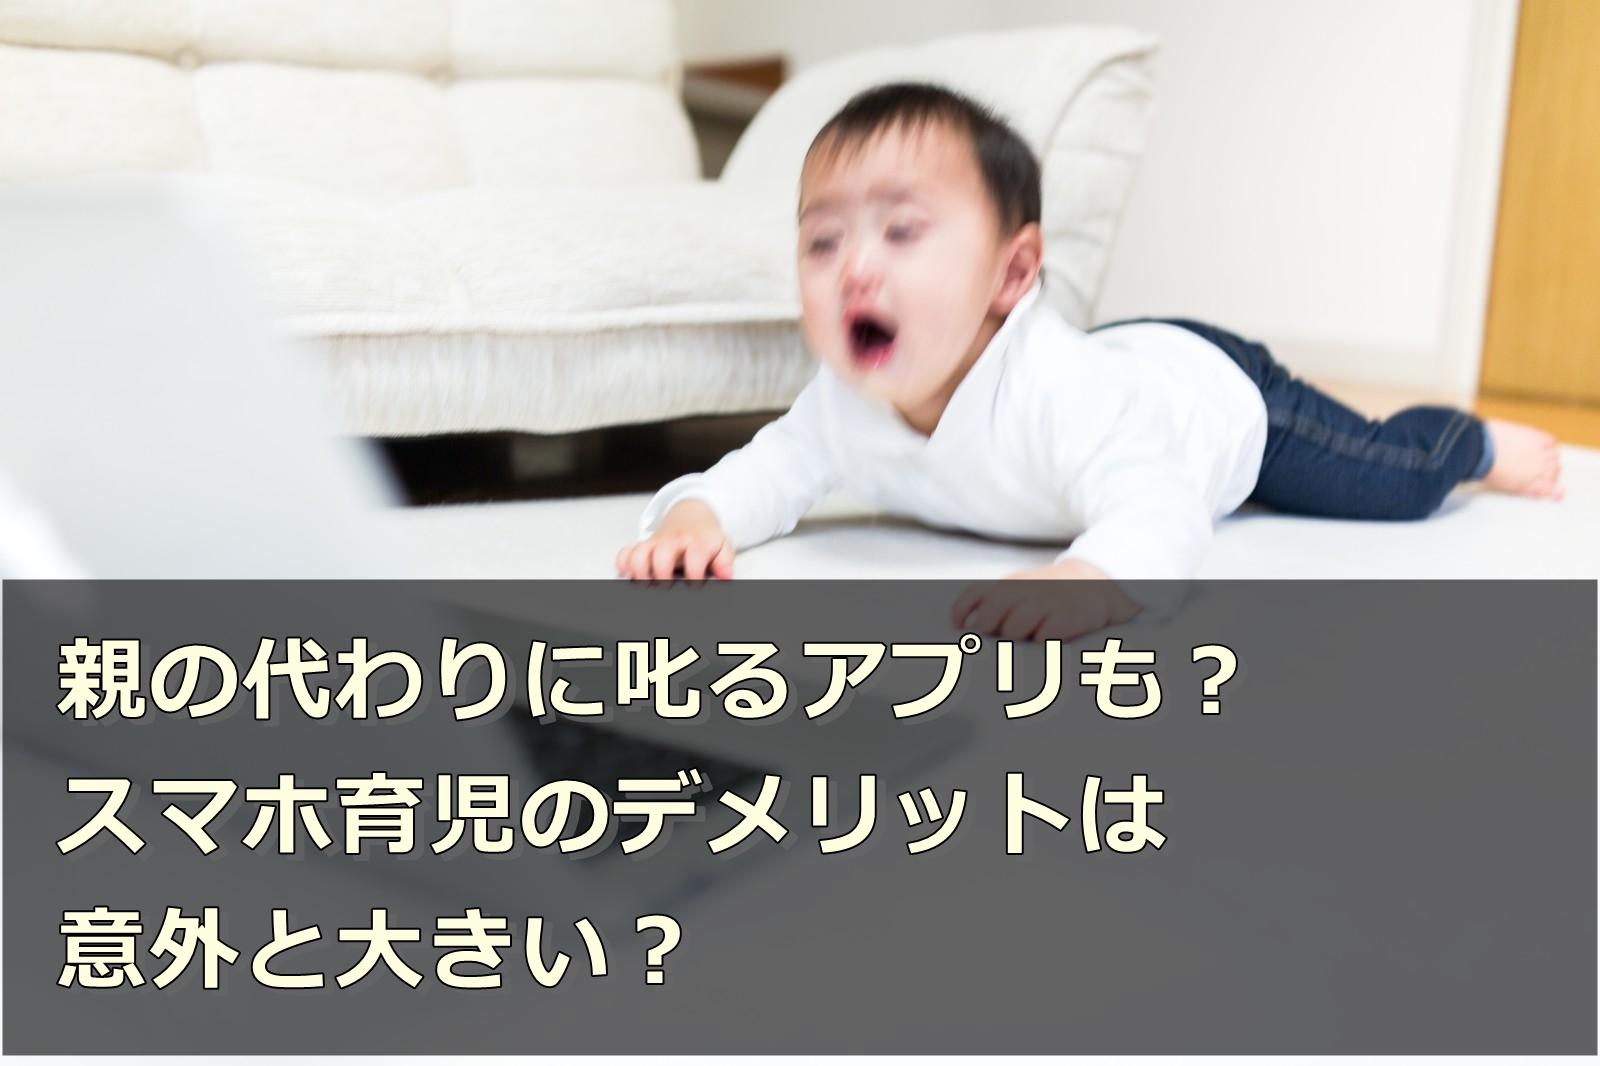 親の代わりに叱るアプリも?スマホ育児のデメリットは意外と大きい